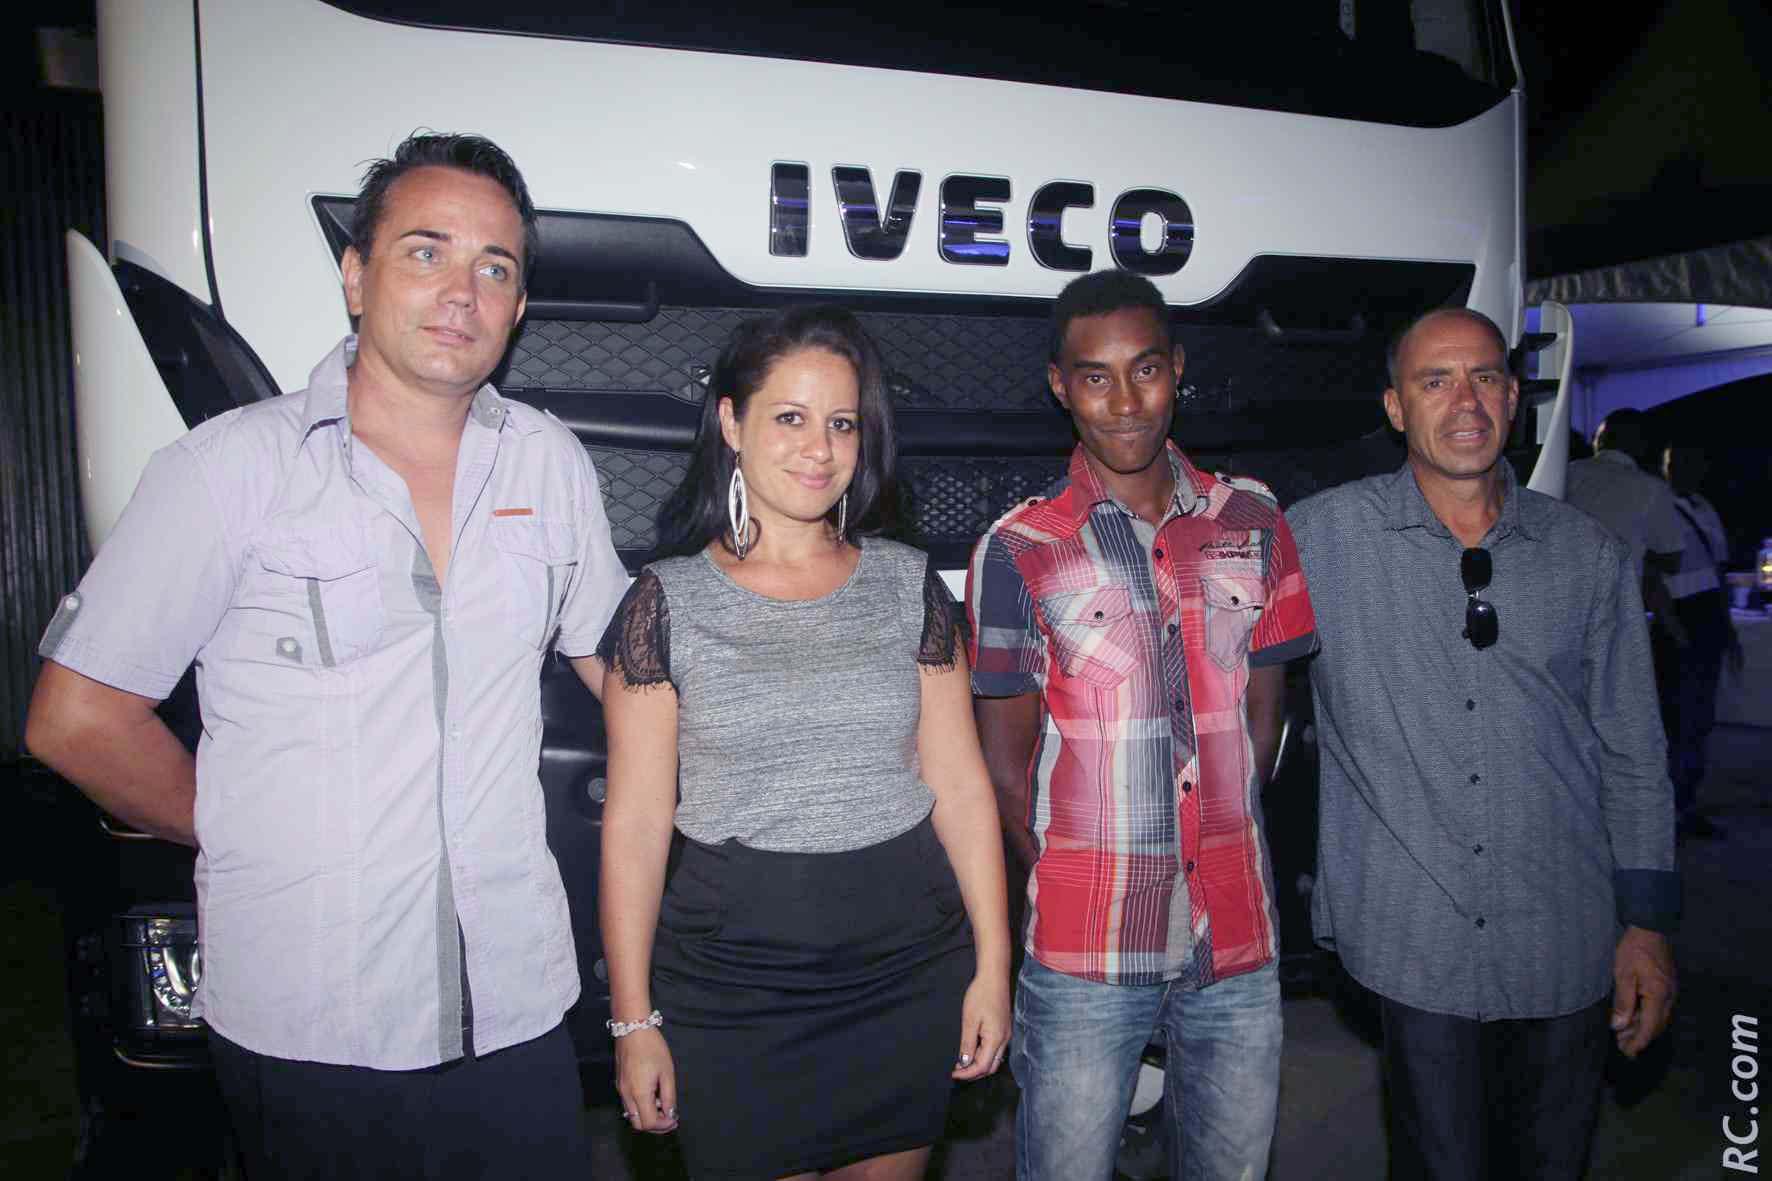 L'équipe Etoile du 974 - agent local Iveco à Saint-Pierre